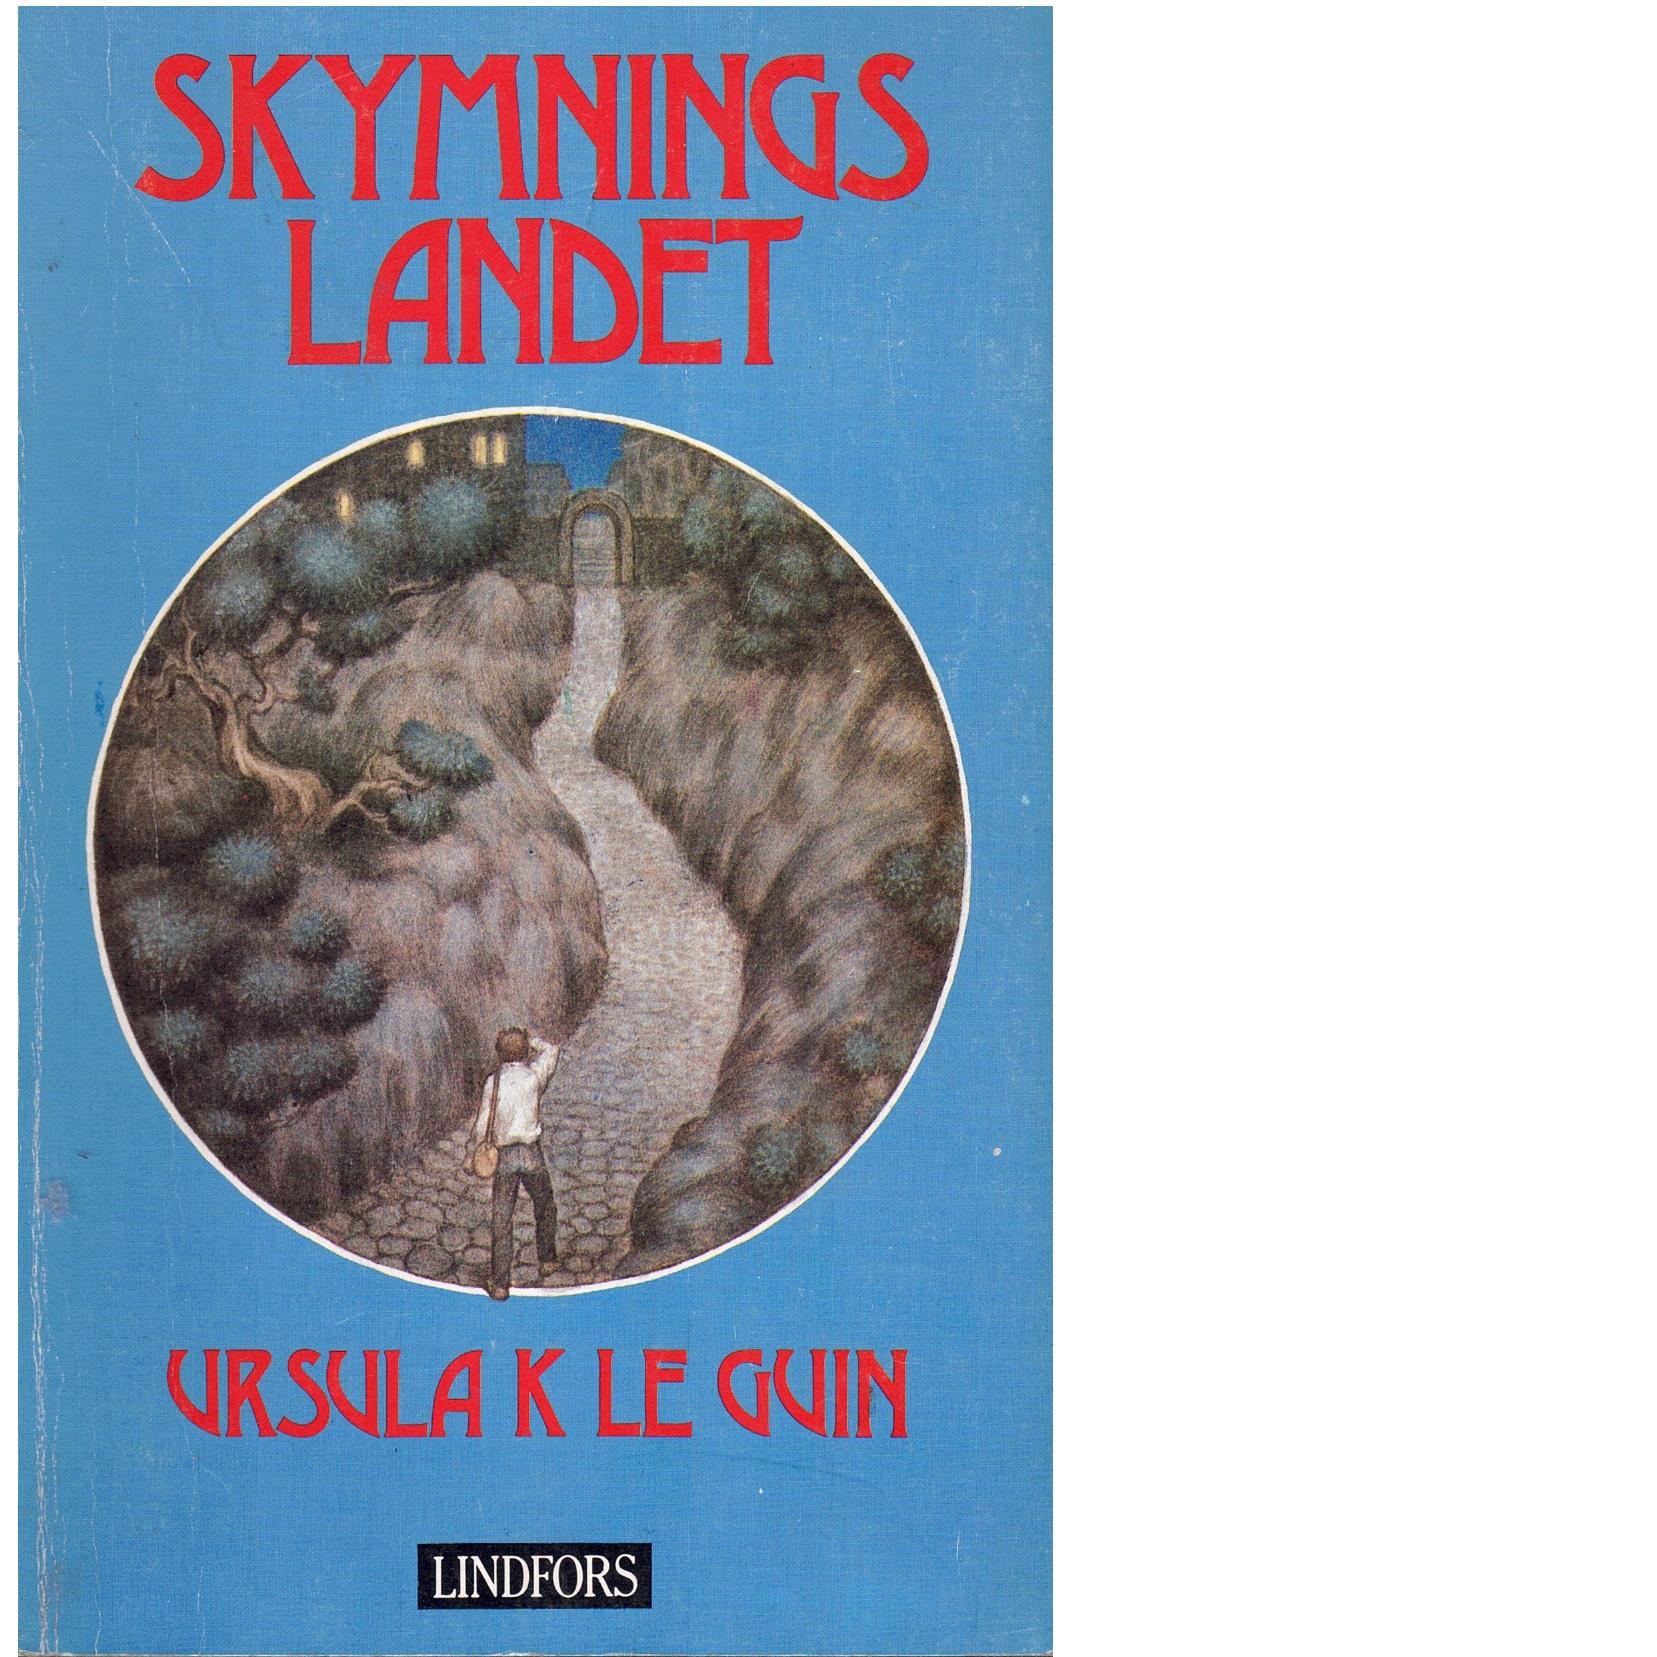 Skymningslandet - Le Guin, Ursula K